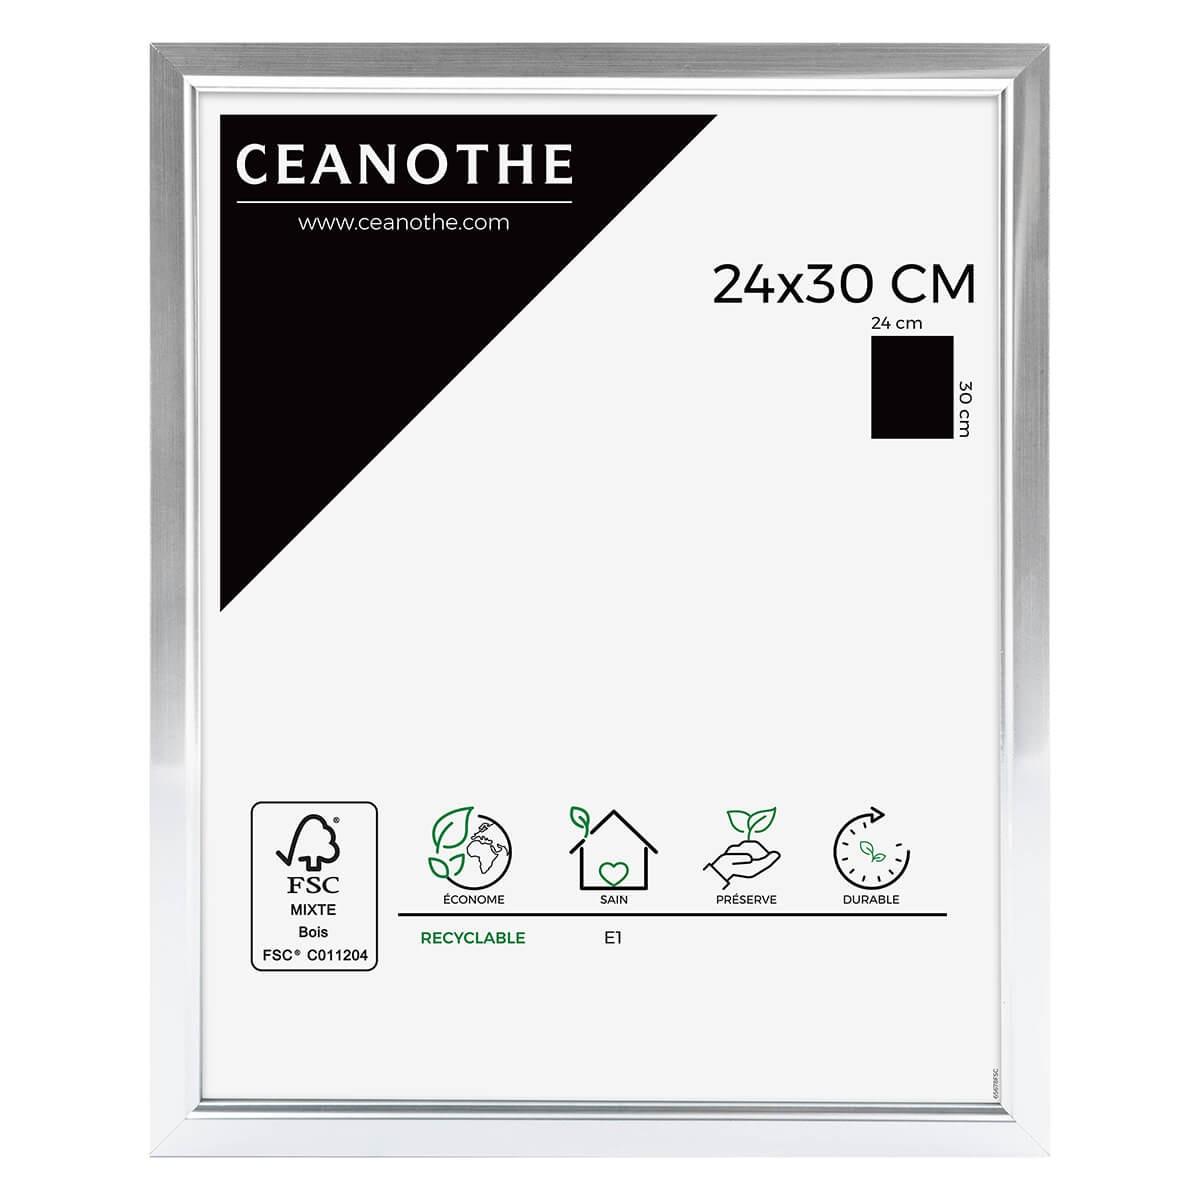 Cadre photo aluminium résine plastique 24x30